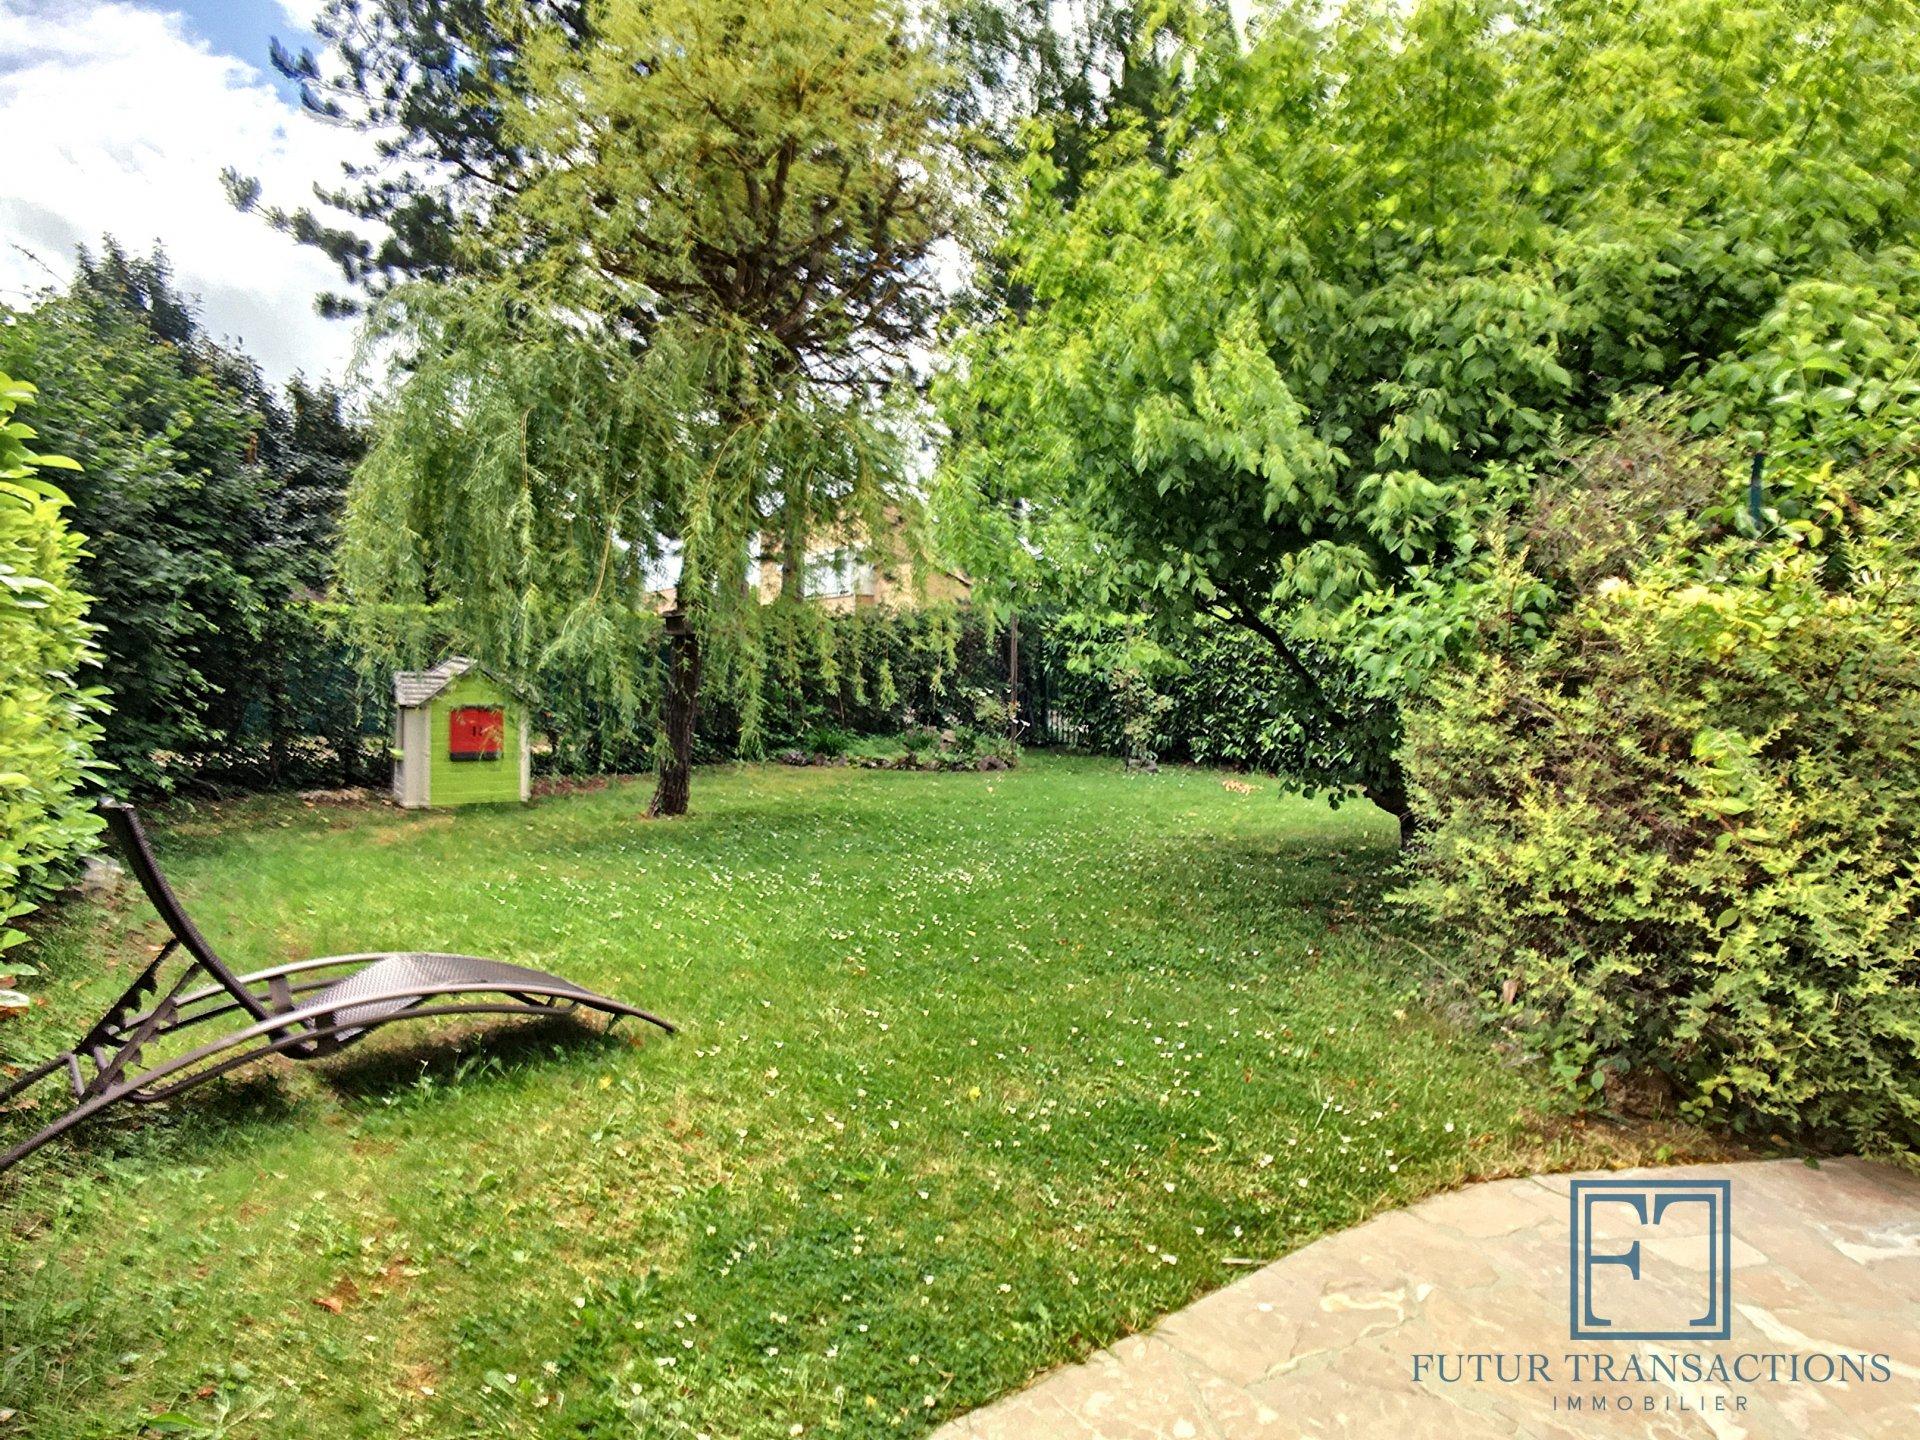 Maison 6 pièces 126 m² avec jardin